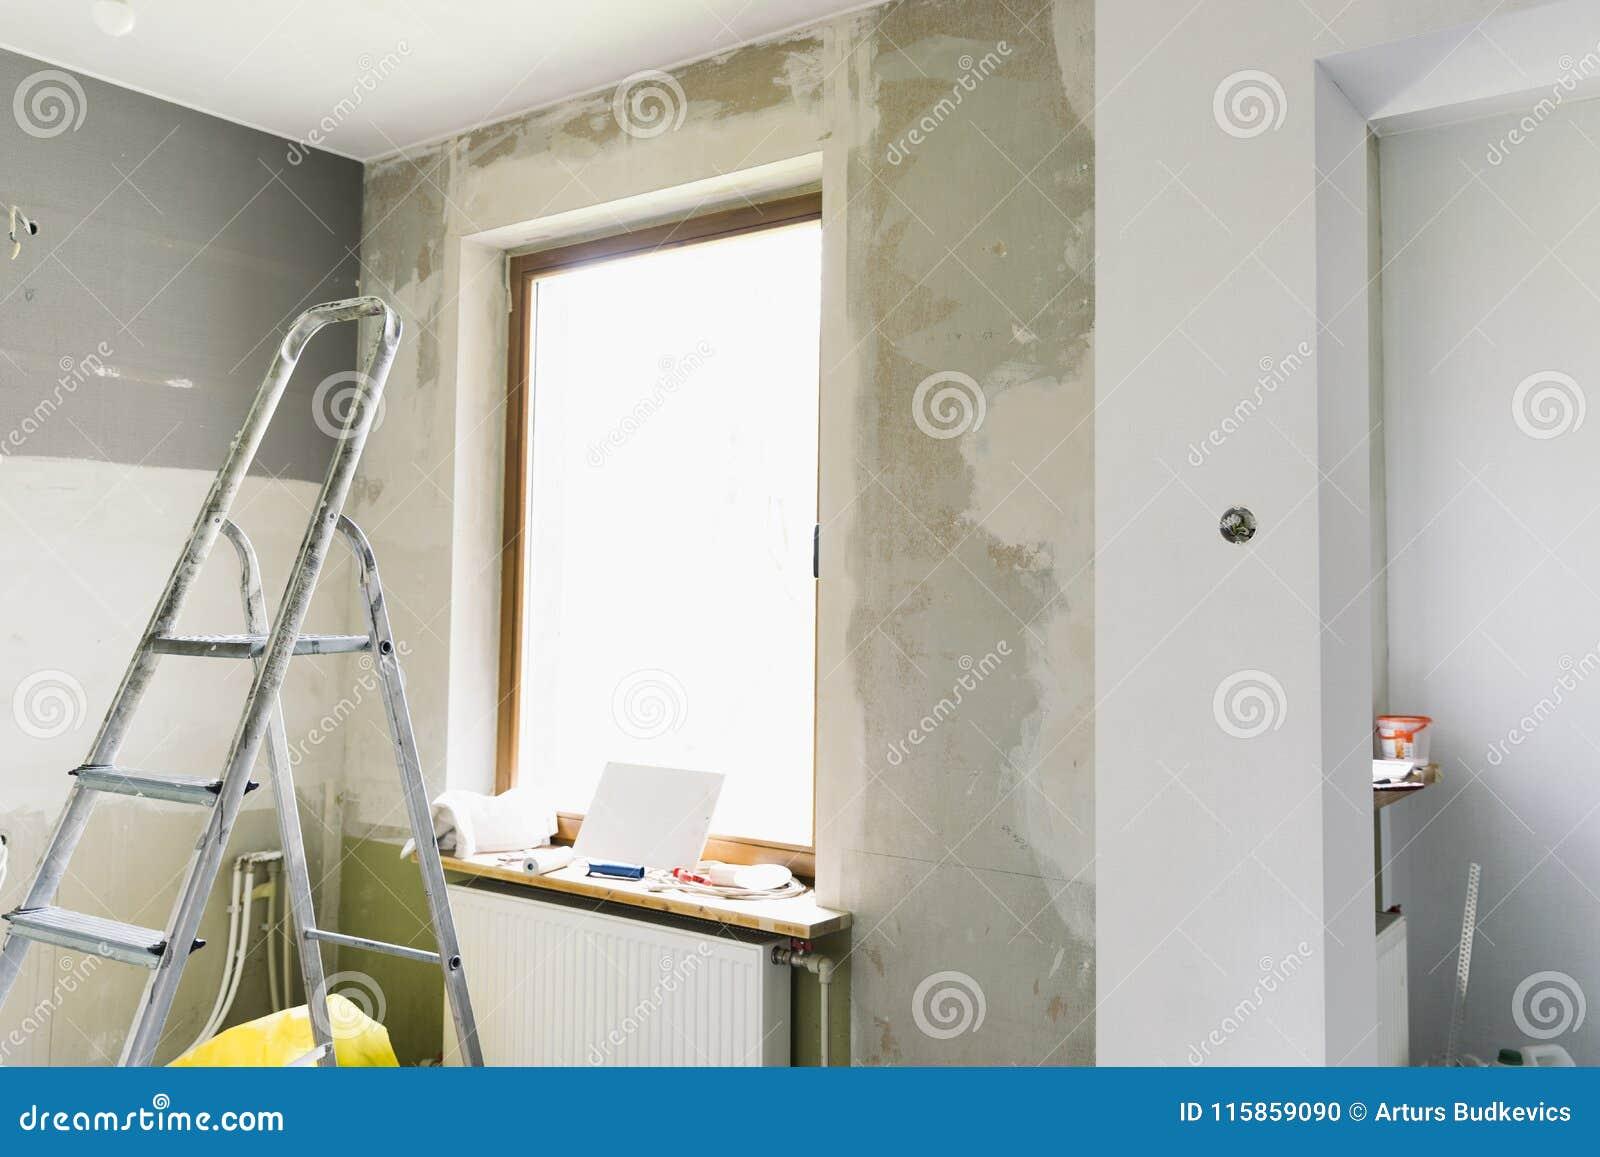 Έννοια εγχώριας ανακαίνισης Κουζίνα στο στάδιο της επισκευής και της ανακαίνισης Εργαλεία σκαλών και κατασκευής